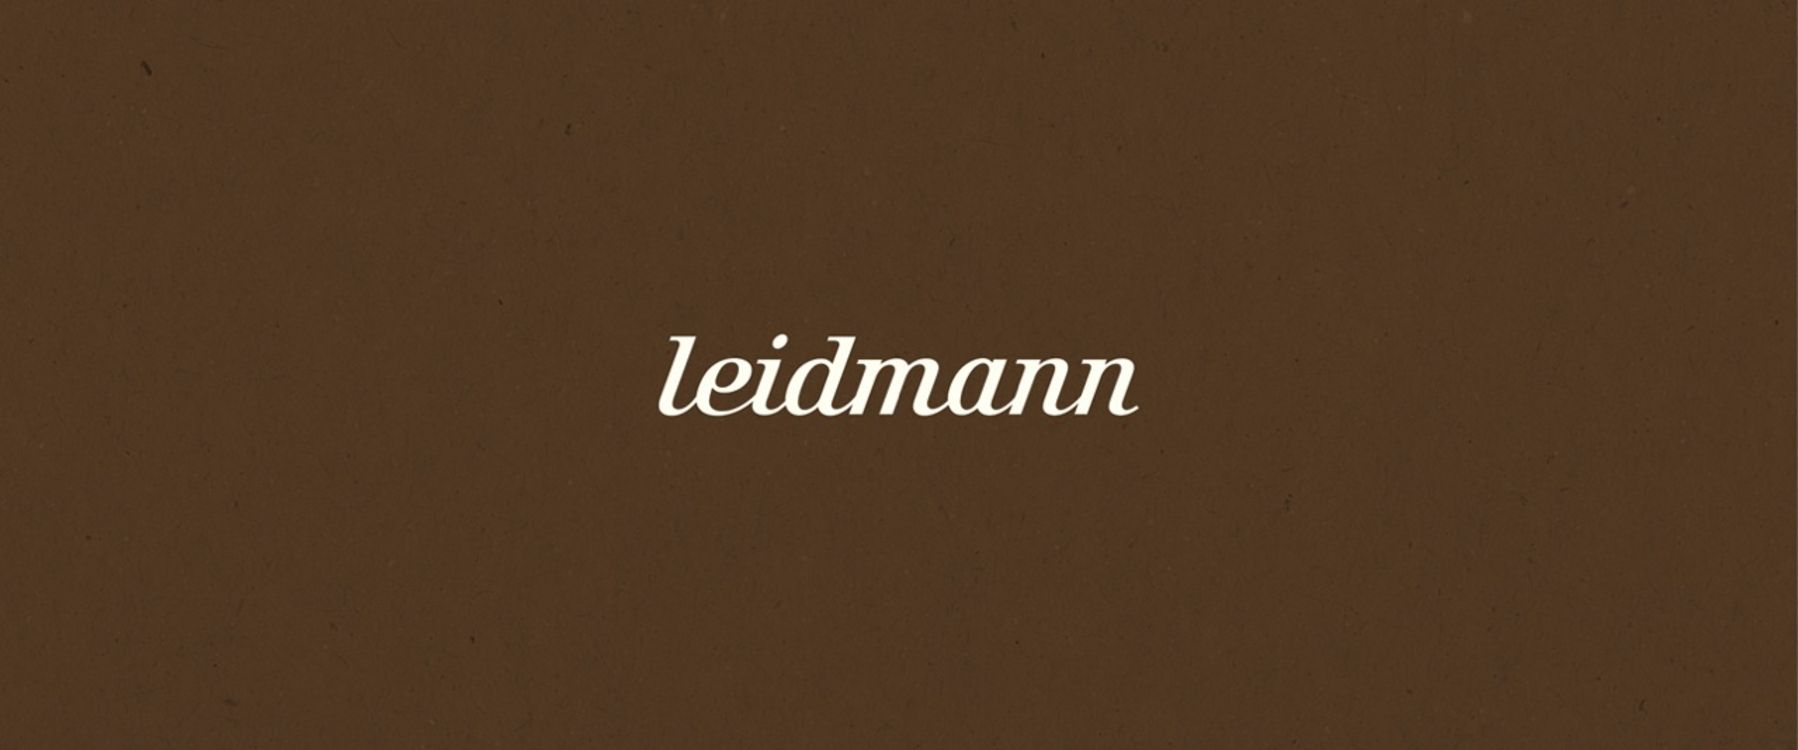 Leidmann in München (Bild 2)